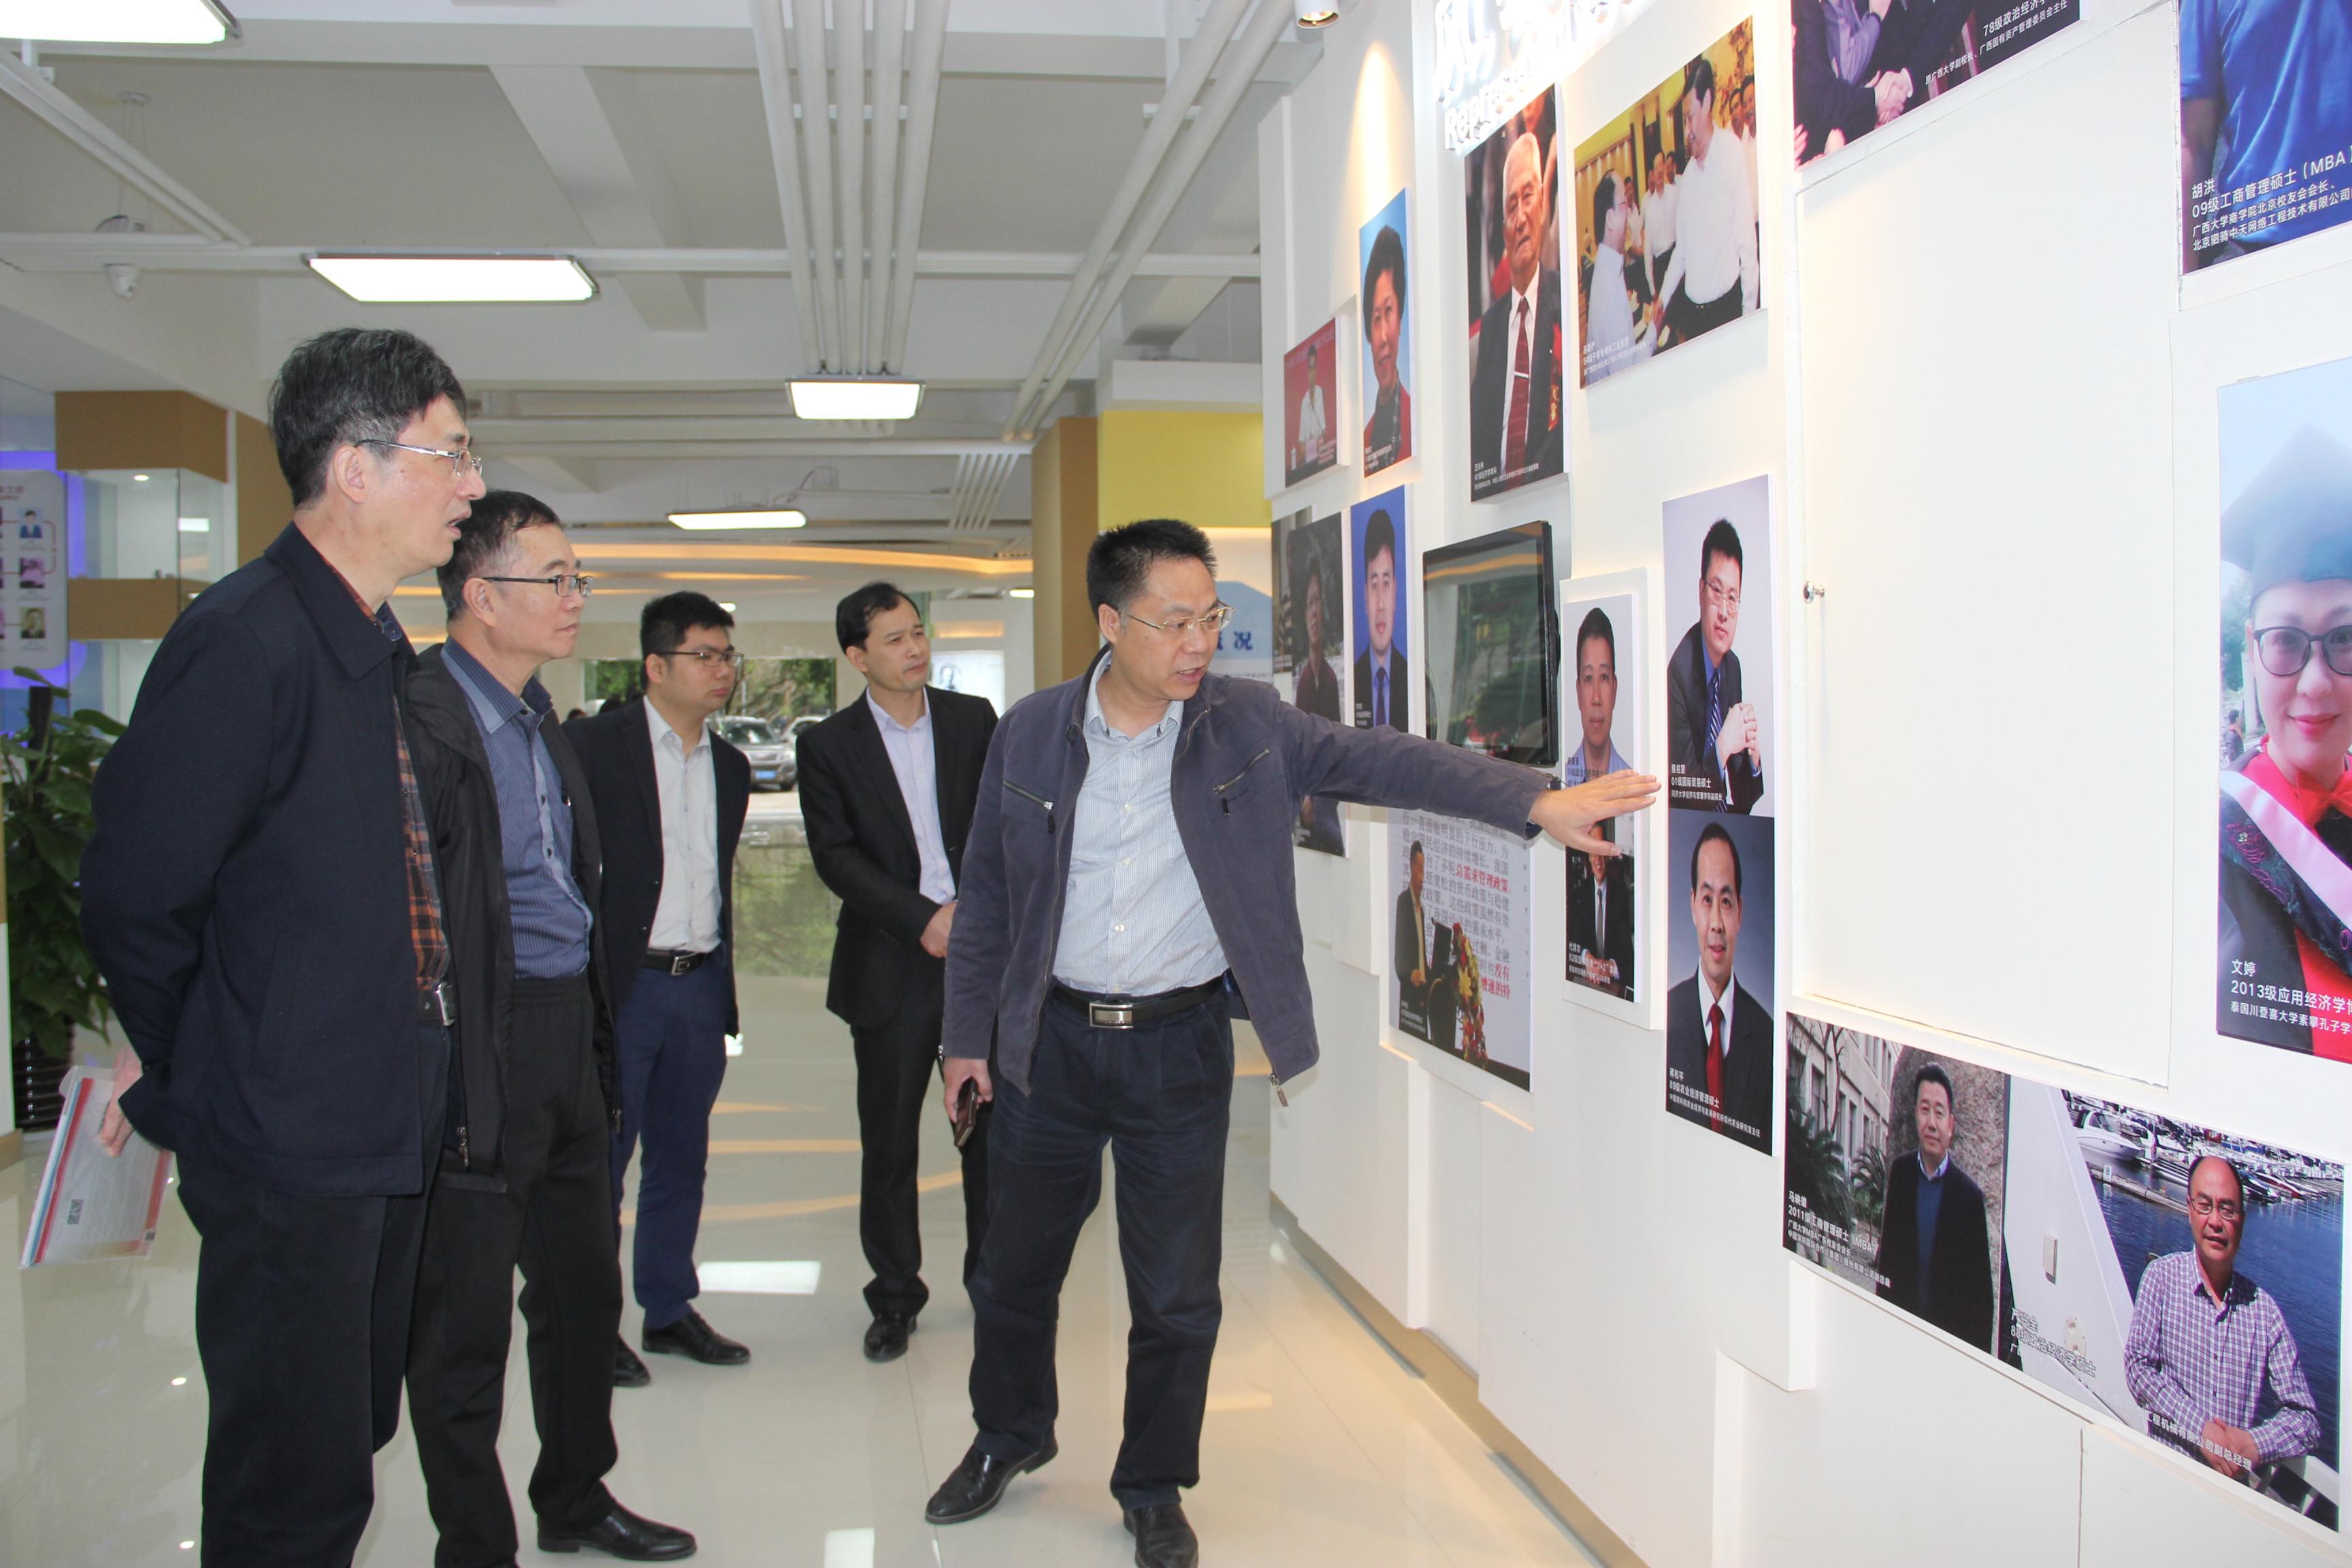 李自茂院长介绍了赣南师范大学商学院的基本情况.图片